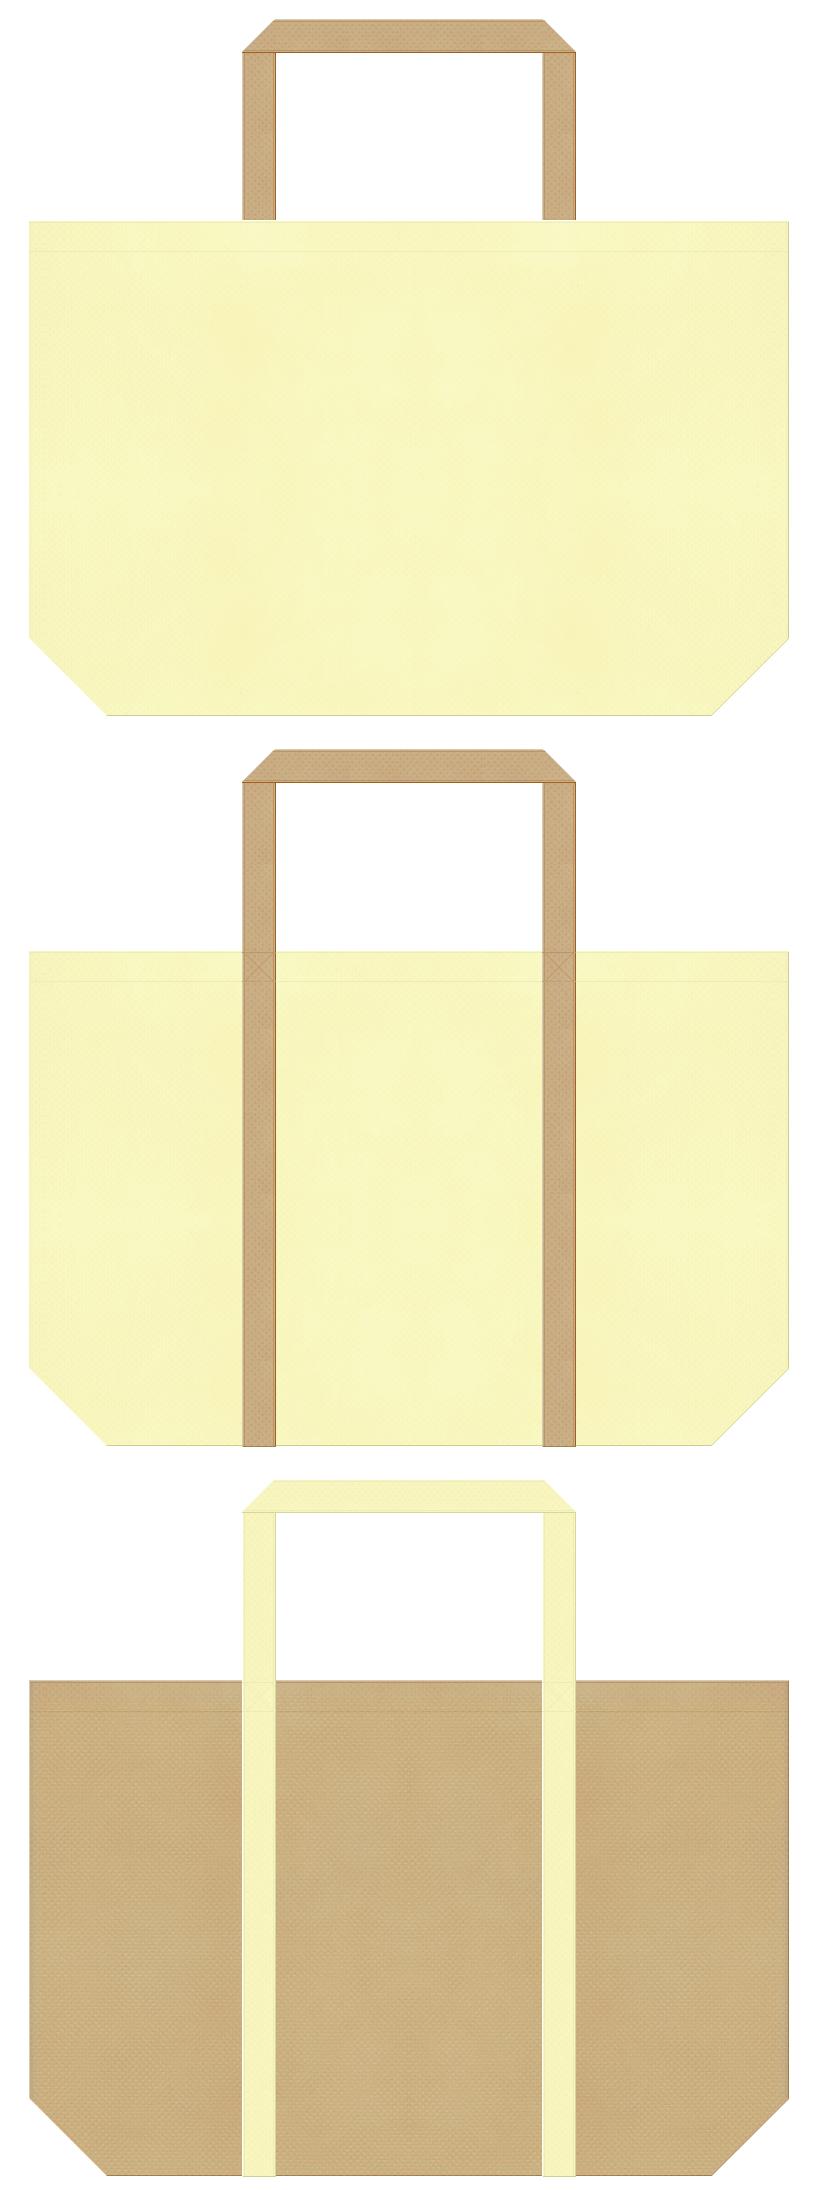 ガーリーデザイン・手芸・ぬいぐるみ・ペットサロン・クレープ・クッキー・マーガリン・スイーツ・ベーカリー・和菓子にお奨めの不織布バッグデザイン:薄黄色とカーキ色のコーデ